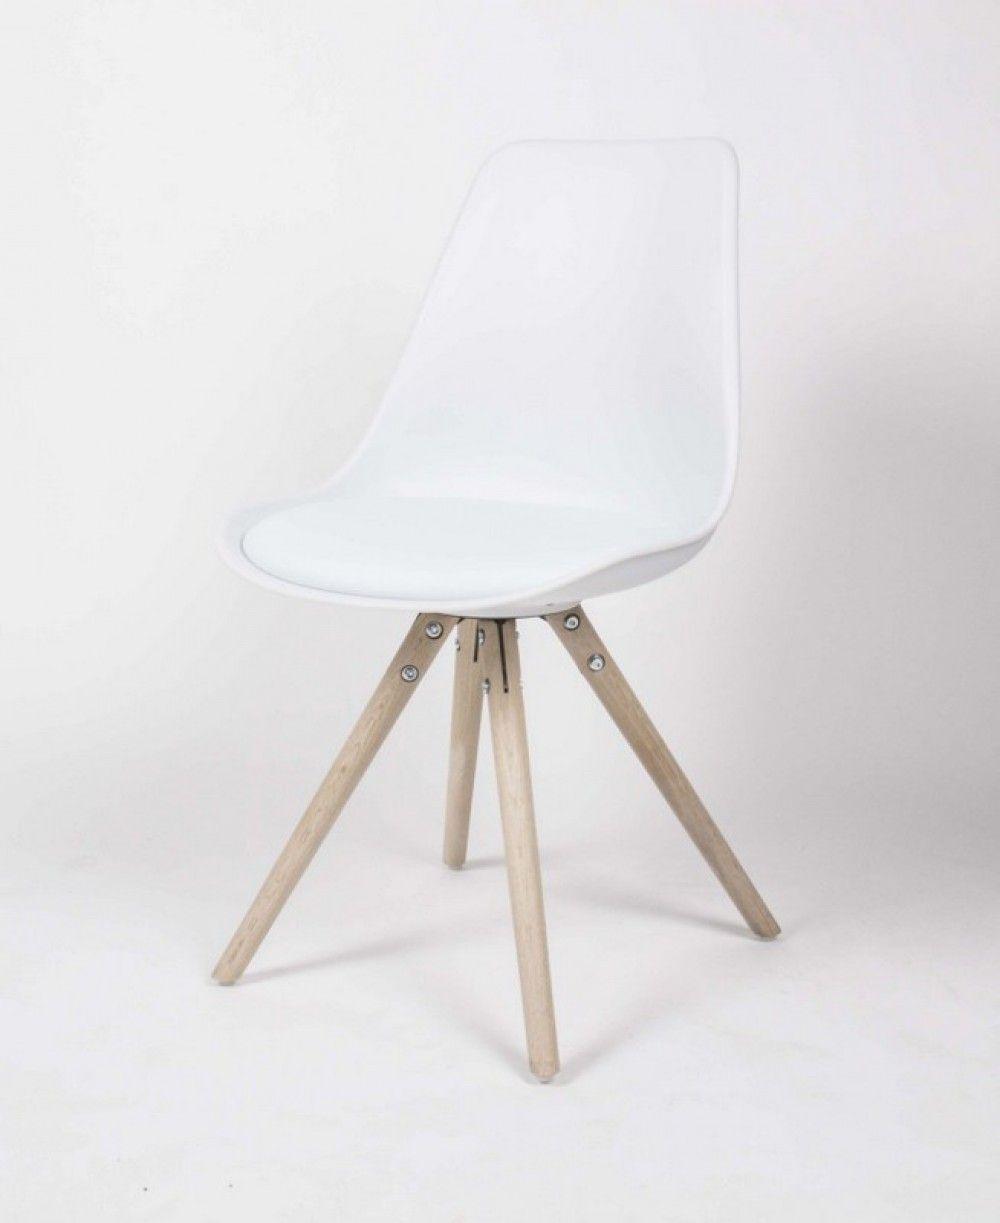 Stuhl Gepolstert Gestell Aus Massivholz Stuhl Farbe Weiss Stuhle Modern Stil Mobel Stuhl Polstern Weisse Stuhle Stuhle